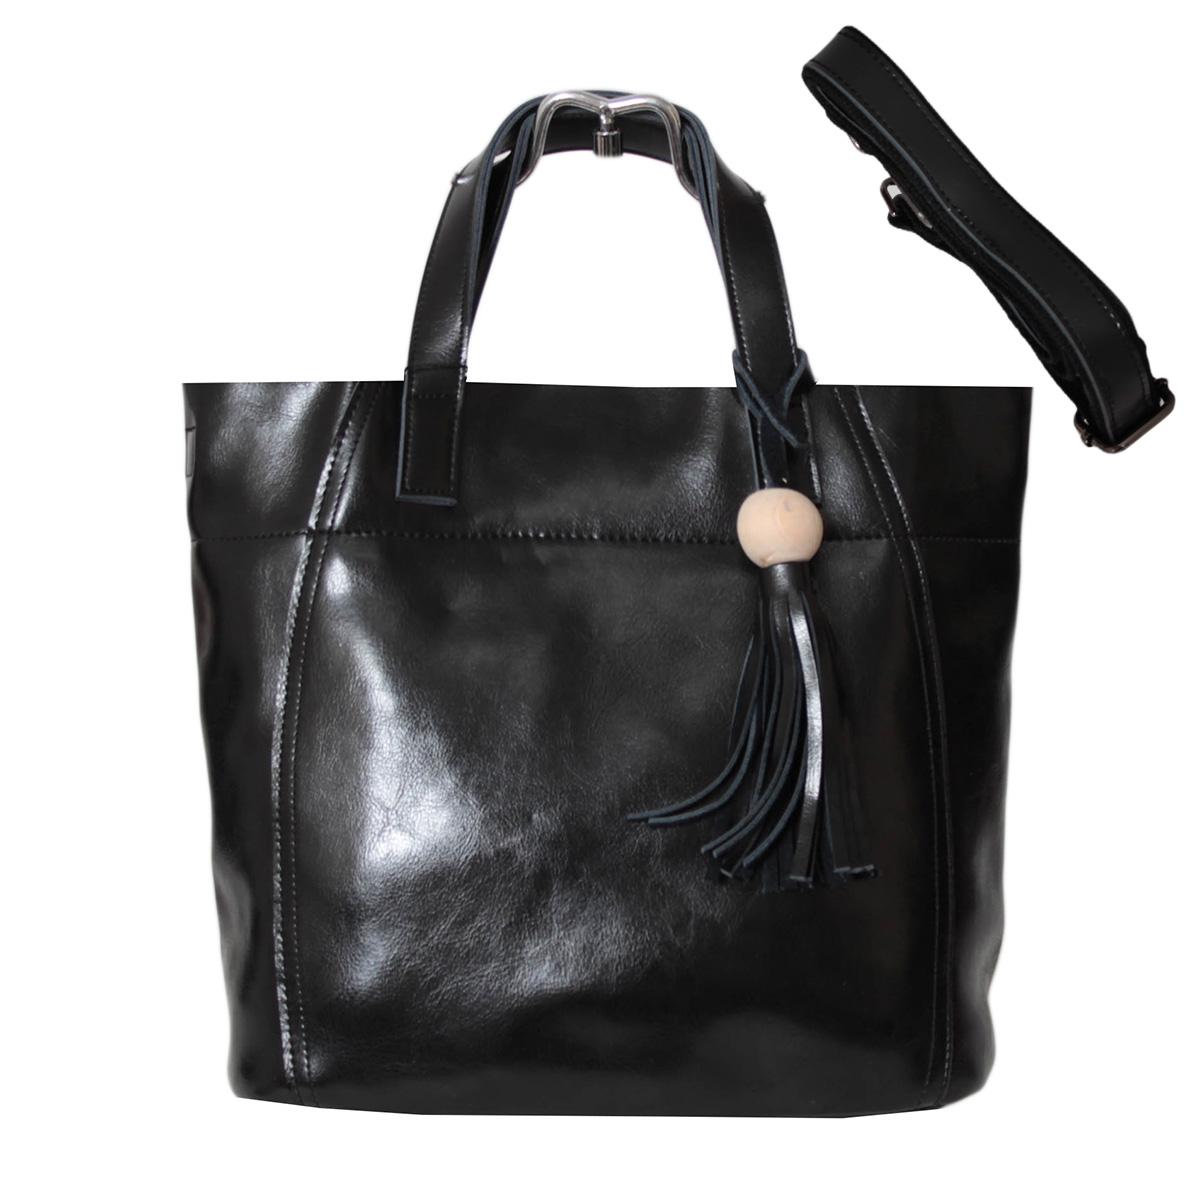 Сумка женская Flioraj, цвет: черный. 0005246873298с-1Сумка Flioraj выполнена из высококачественной искусственной кожи. Изделие оснащено удобными ручками и съемнымплечевым ремнем, длина которого регулируется с помощью пряжки. На тыльной стороне находится вшитый карман на молнии. Внутри расположено главное отделение, которое содержит два кармана на молниях и два открытых накладных кармана для телефона и мелочей.